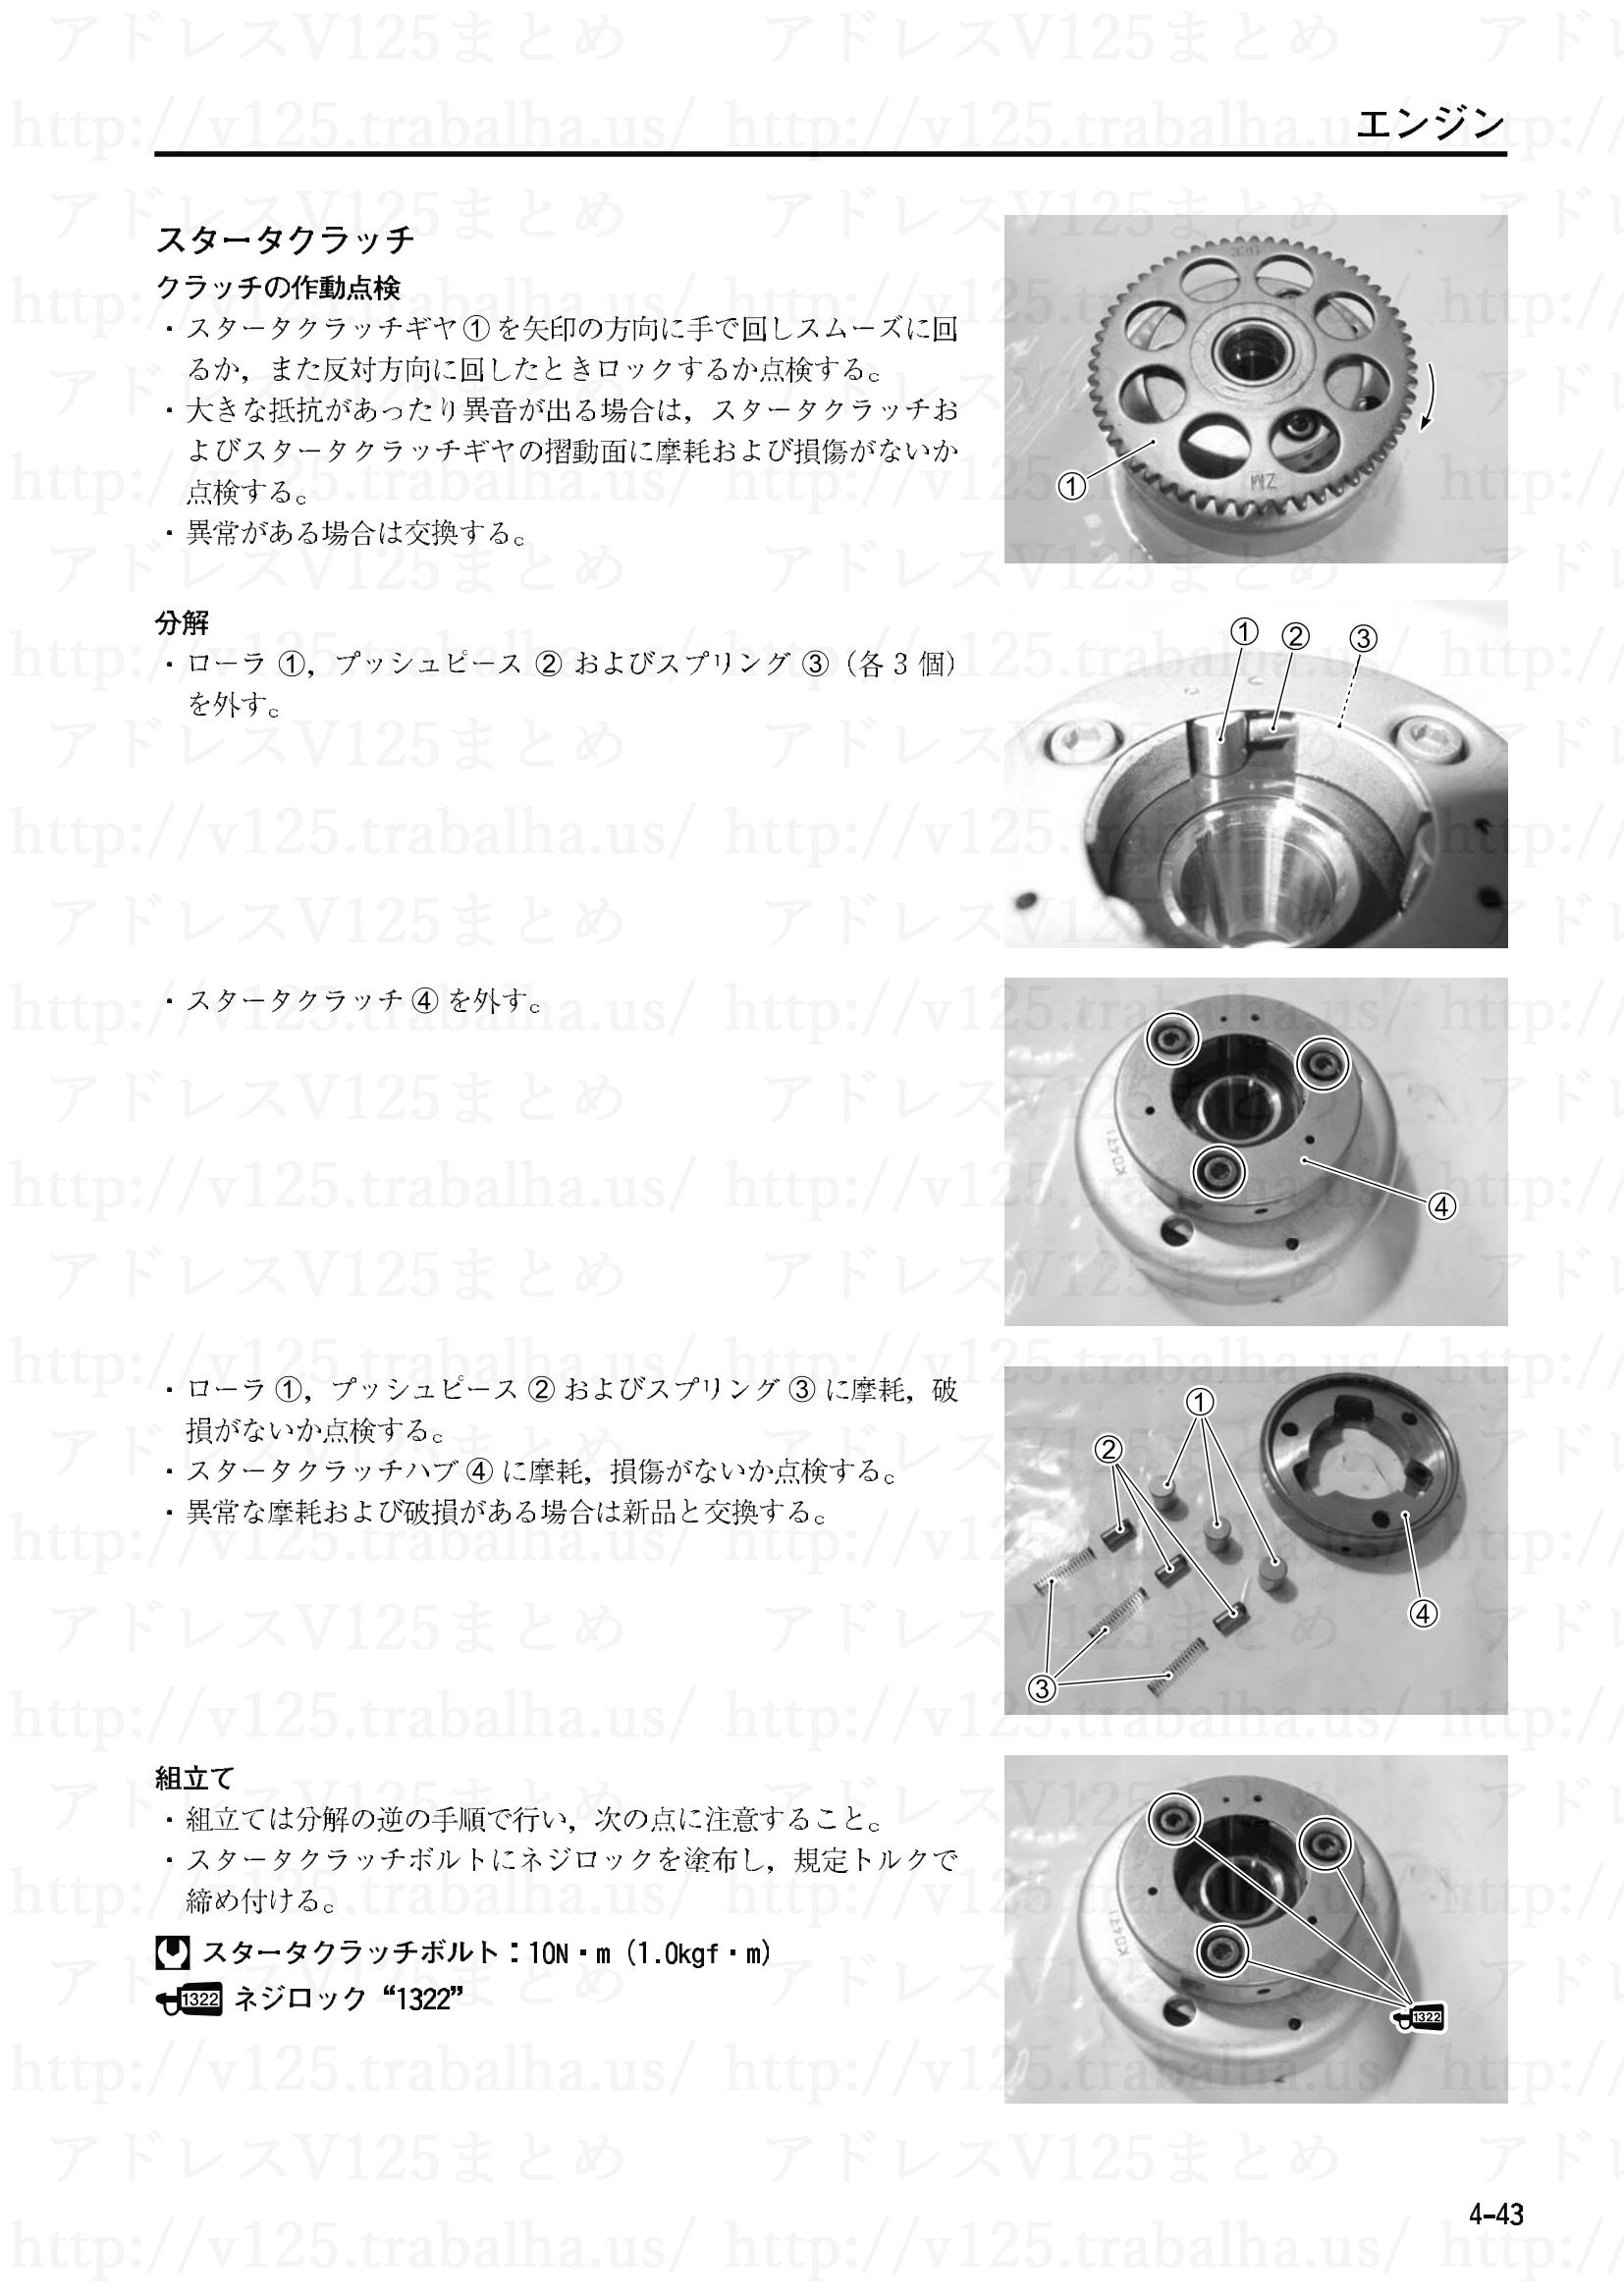 4-43【エンジン】エンジン部組部品の点検21